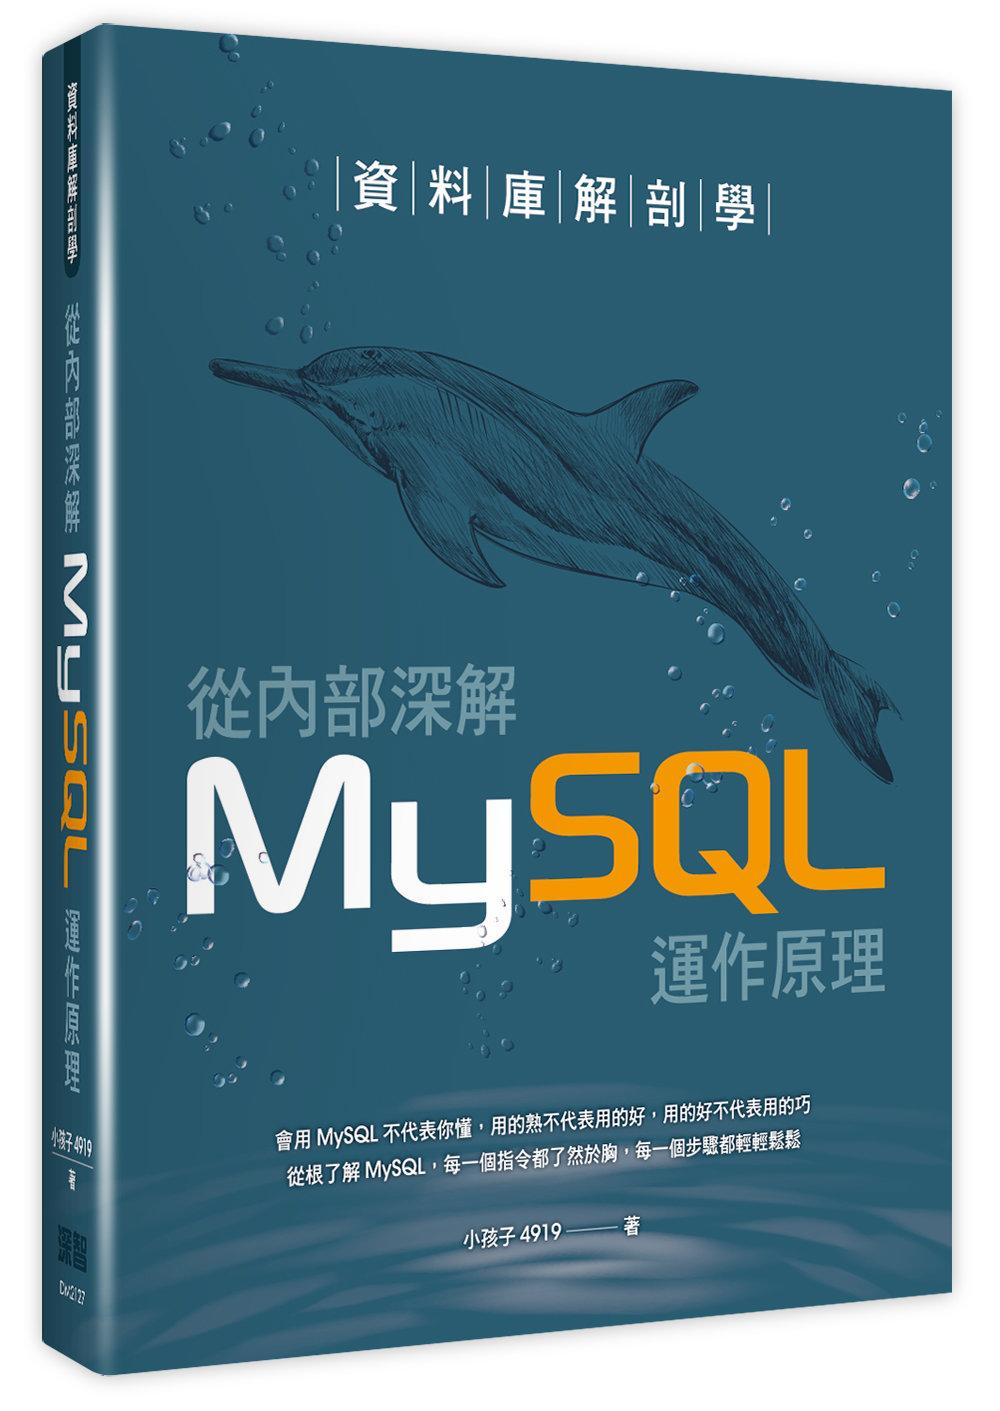 資料庫解剖學:從內部深解 MySQL 運作原理-preview-1